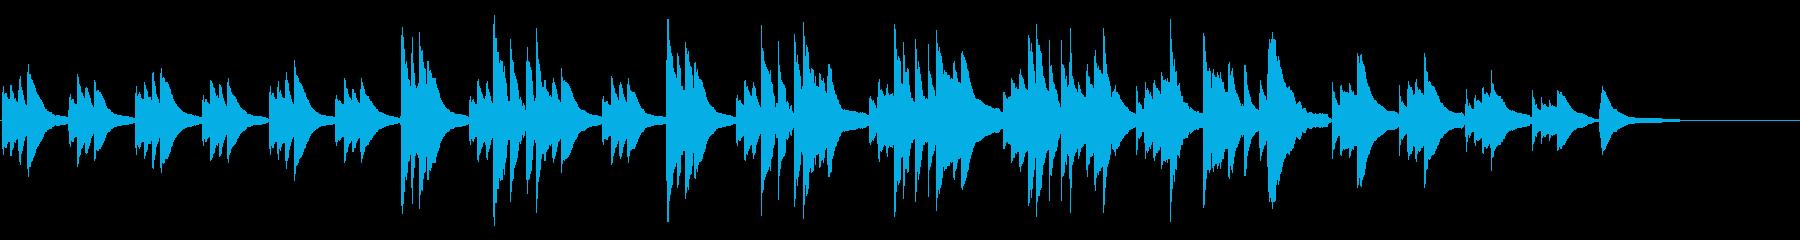 冒頭で使えそうなピアノ曲の再生済みの波形